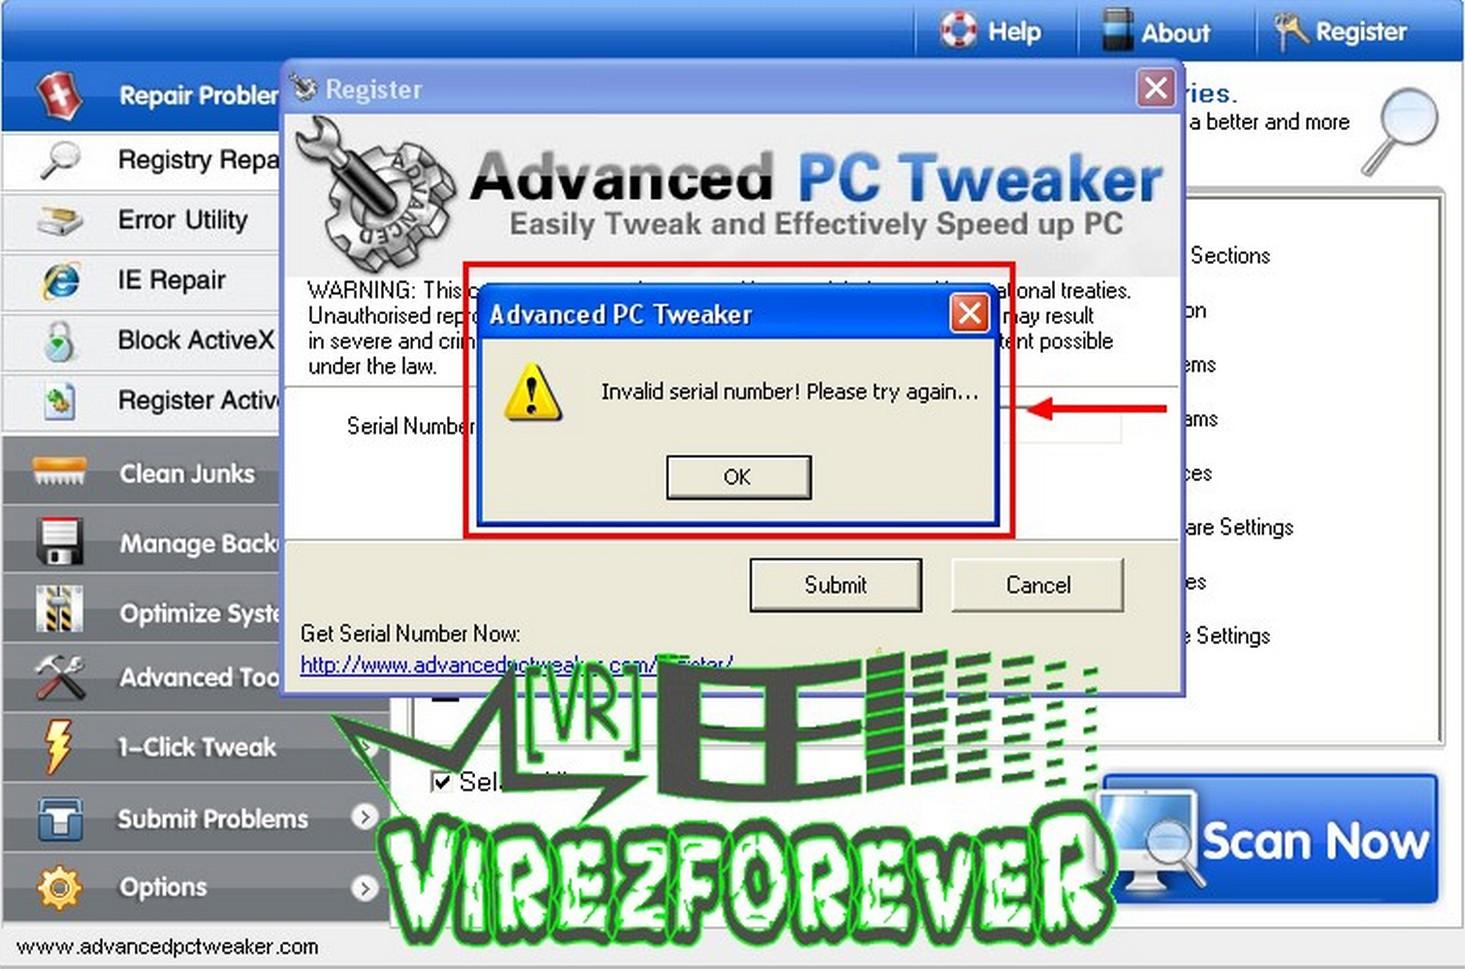 Advanced PC Tweaker keygen